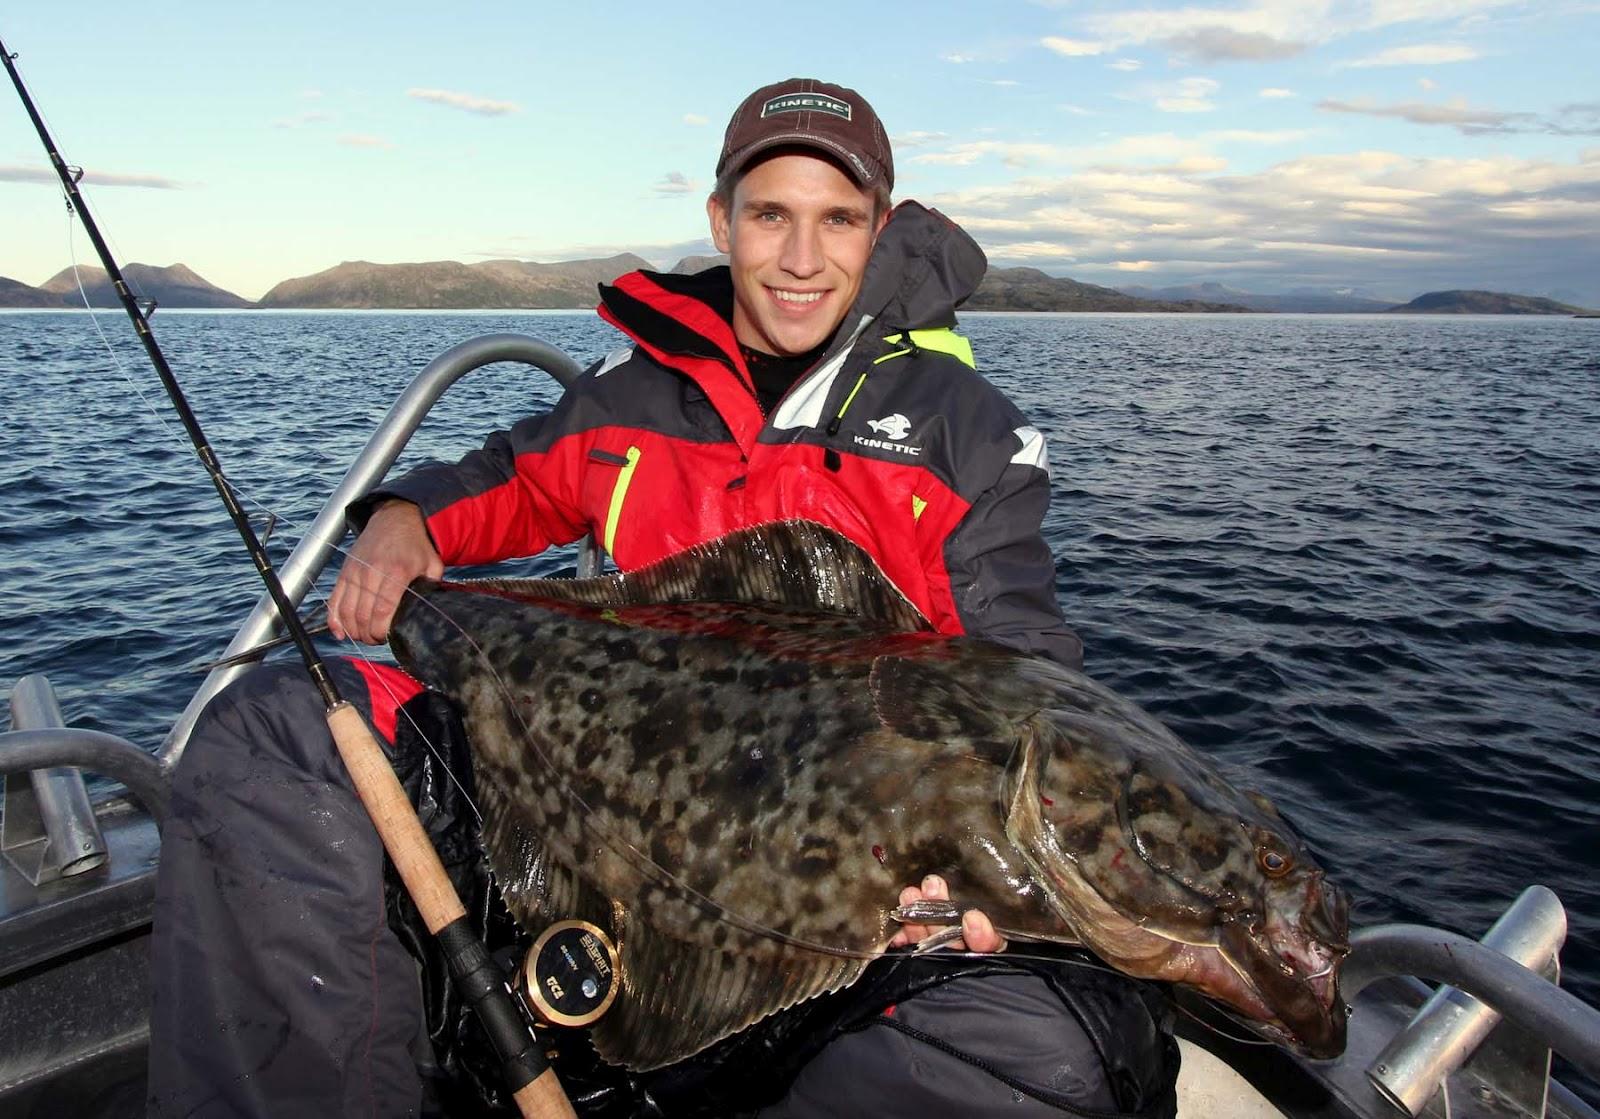 какие снасти нужны для рыбалки в норвегии